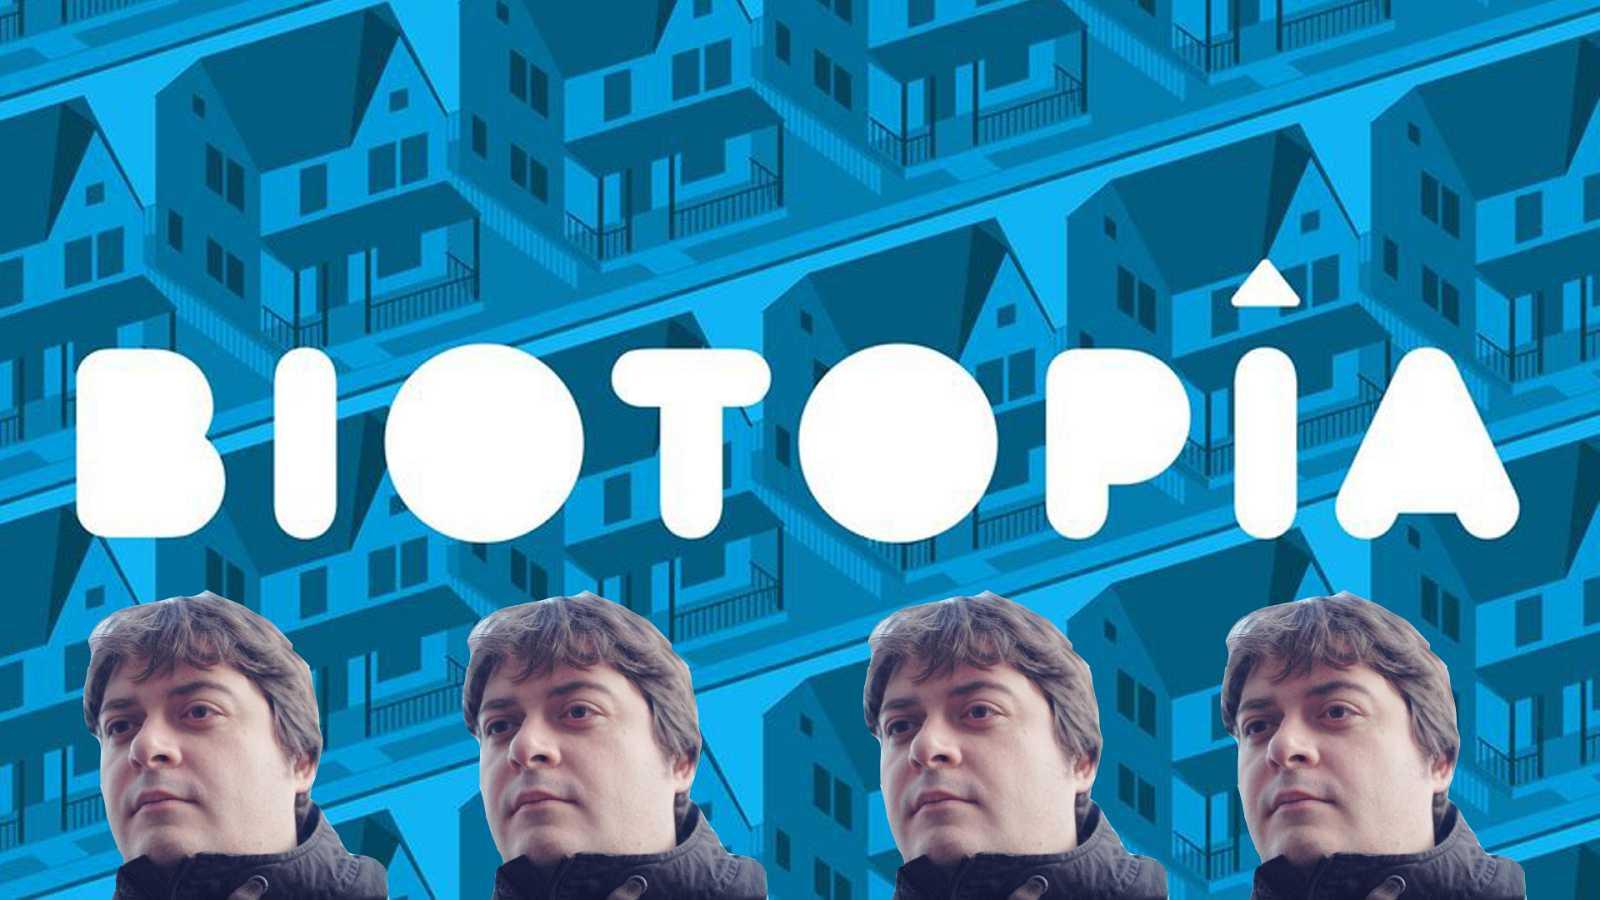 Hoy empieza todo con Ángel Carmona - Biotopía - 08/09/20 - escuchar ahora